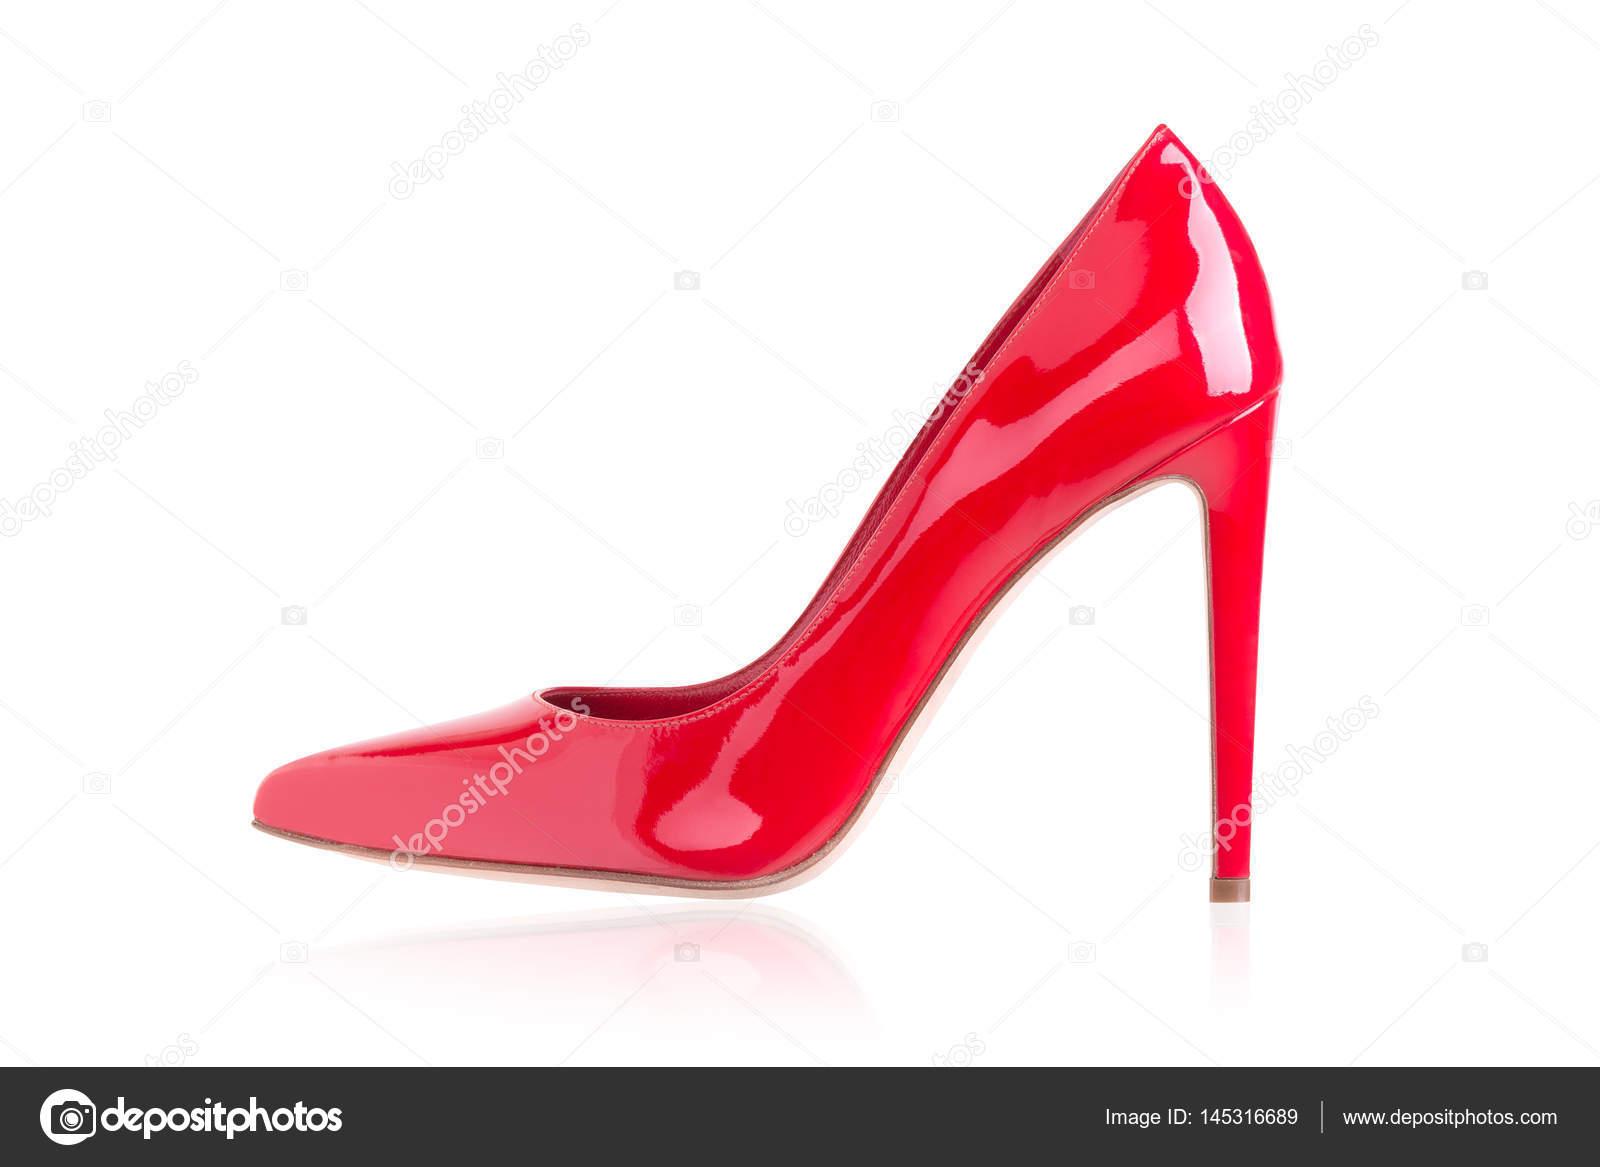 Vernis Pour Pour Vernis Chaussures Pour Femme Vernis Rouge Chaussures Chaussures Rouge Rouge Femme stQrhd